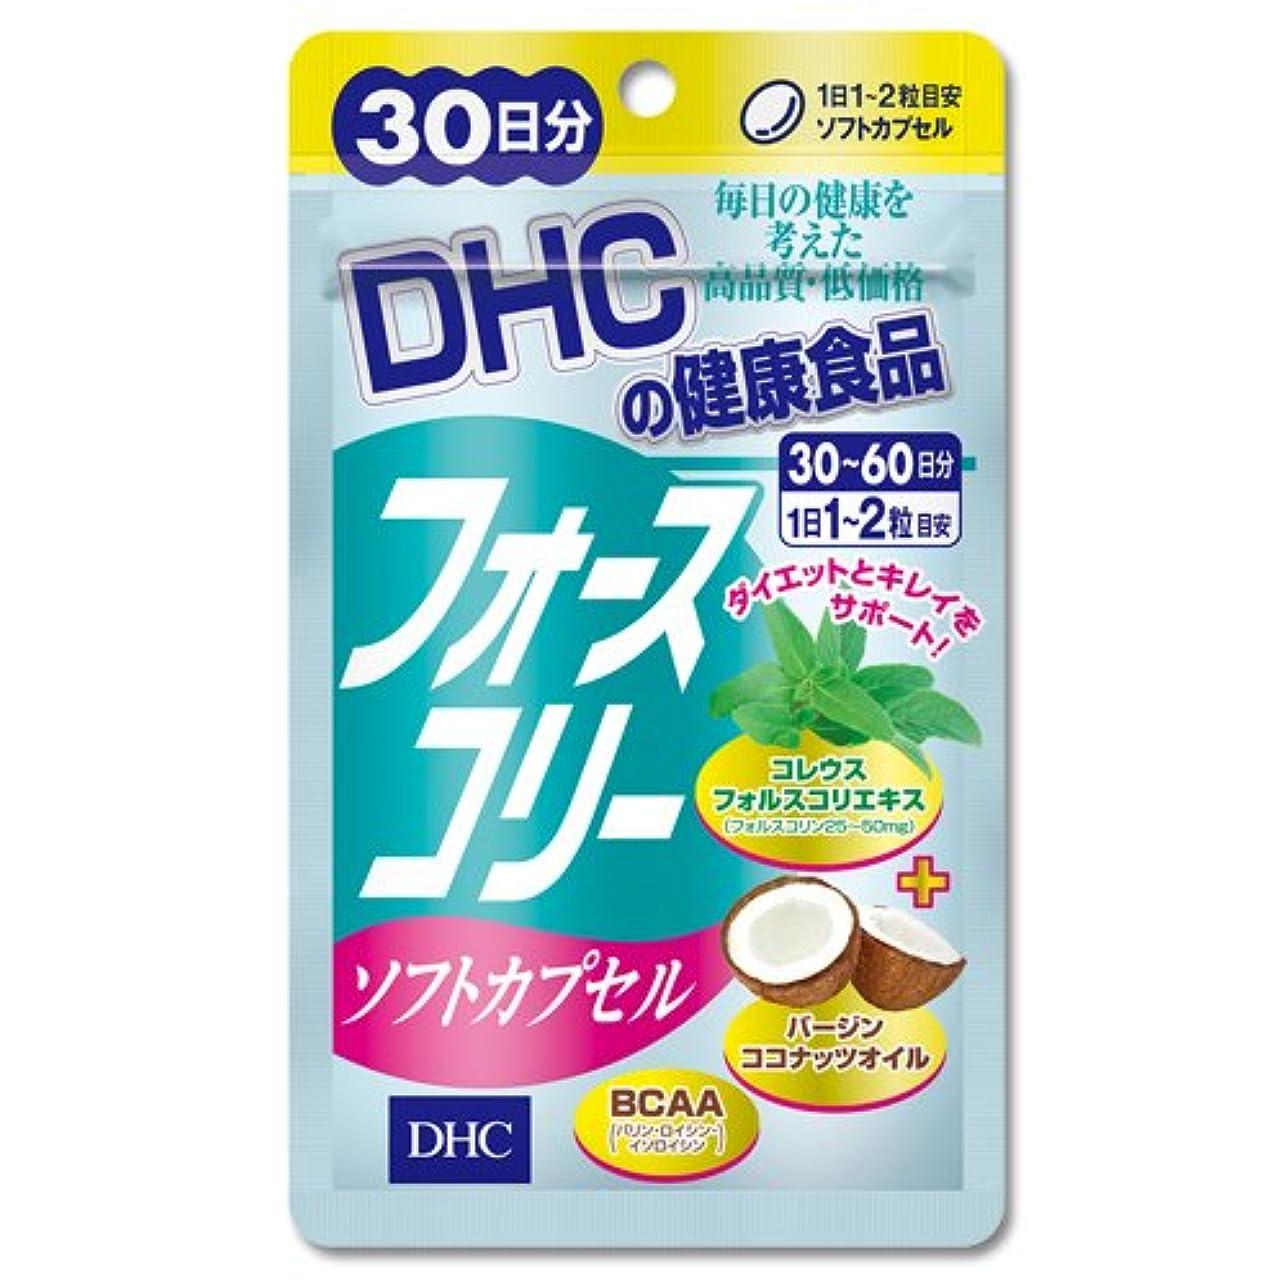 アンテナブラウズ委任するDHC フォースコリー ソフトカプセル 30日分